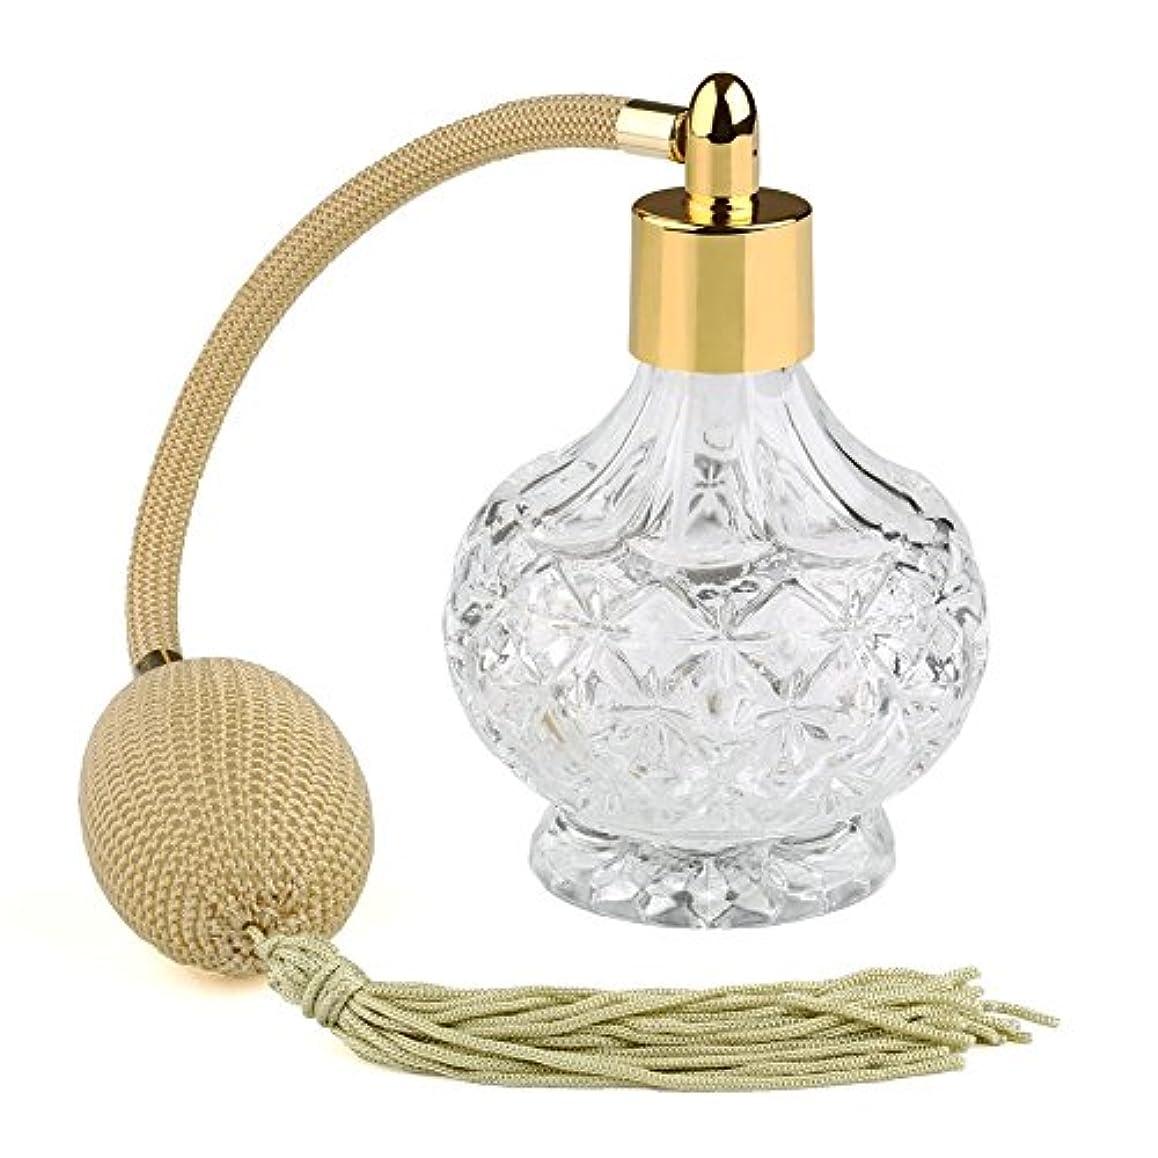 どれか感情前進Easy Raku®高品質 18MMガラスボトル香水瓶 ポンプ式 香水瓶 アトマイザー カーキのフリンジ付きプラスチック?ニットバルブ ゴールドスプレー 80ML 装飾雑貨 (ゴールド)